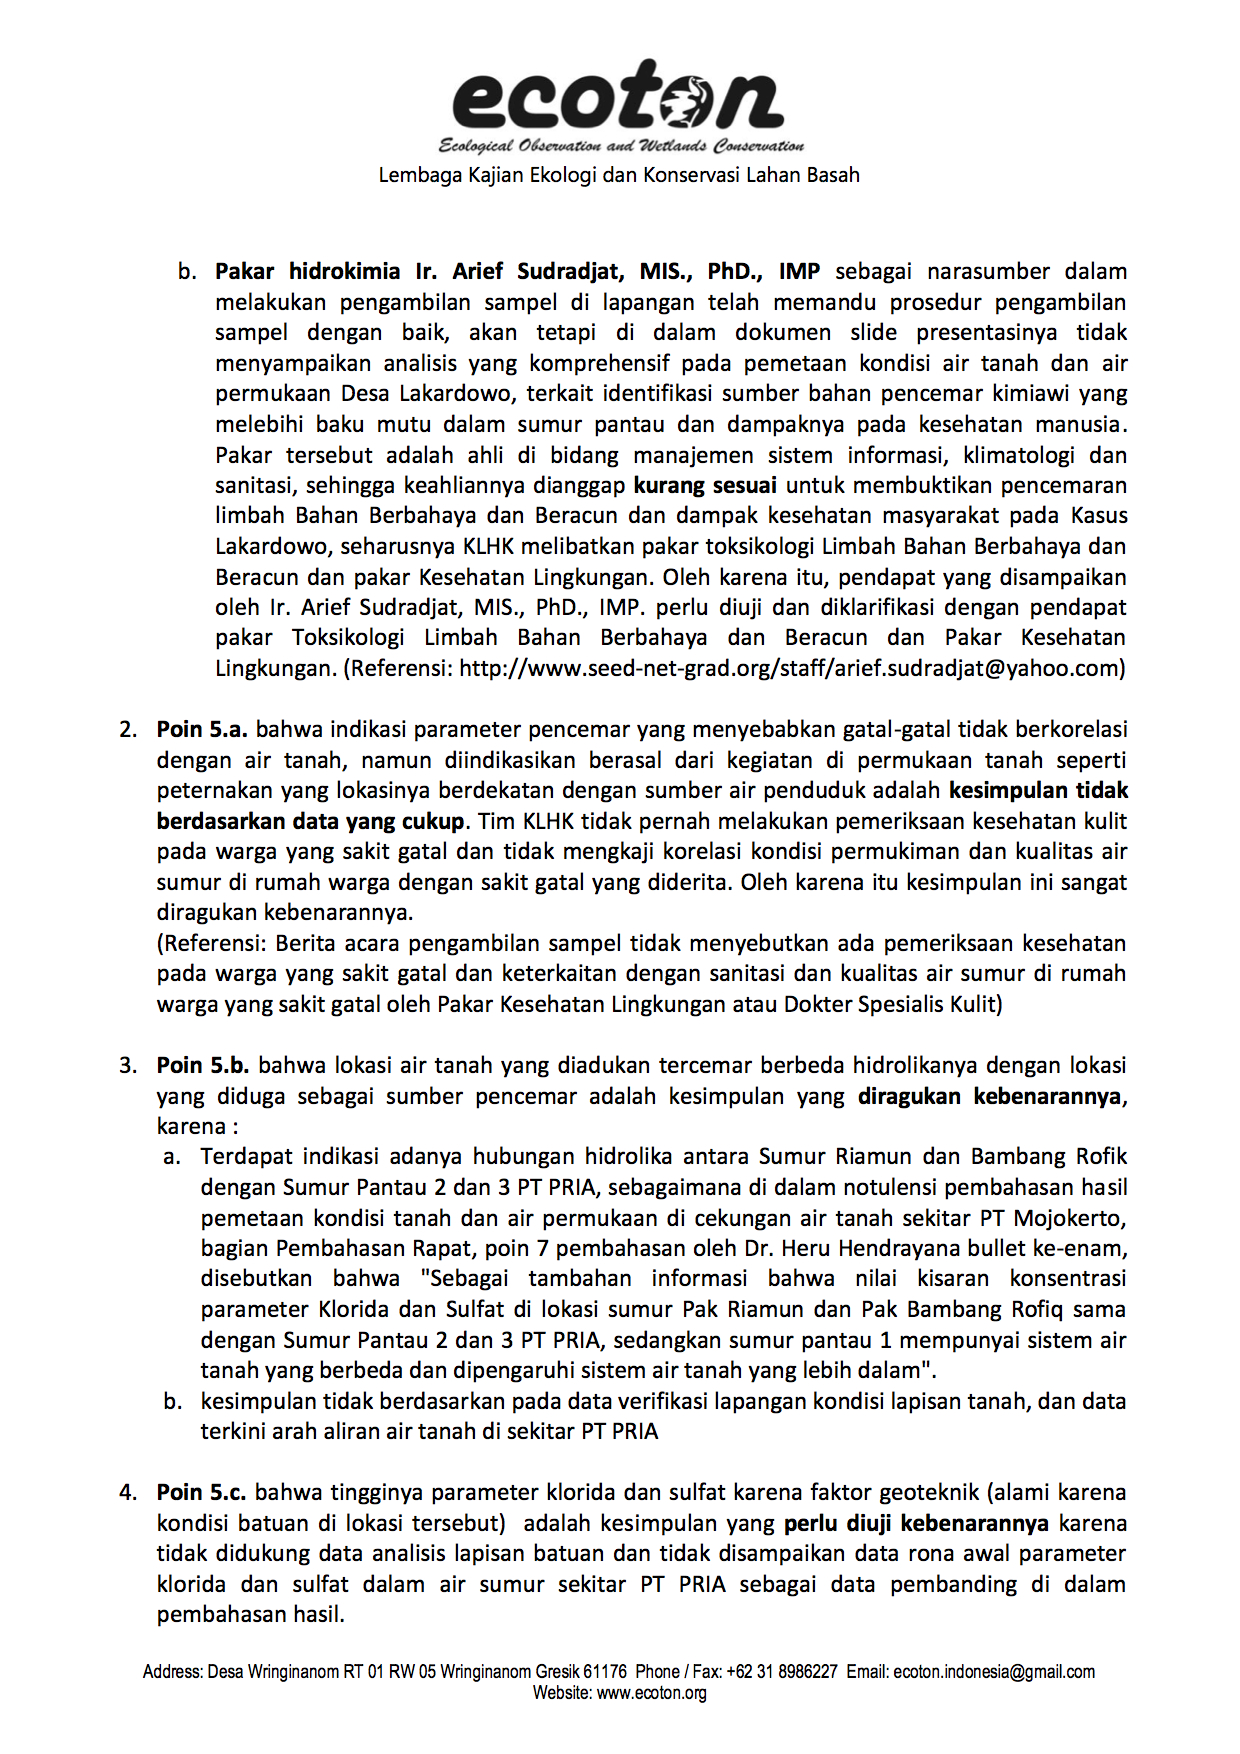 Penolakan Analisis KLHK oleh ECOTON 2